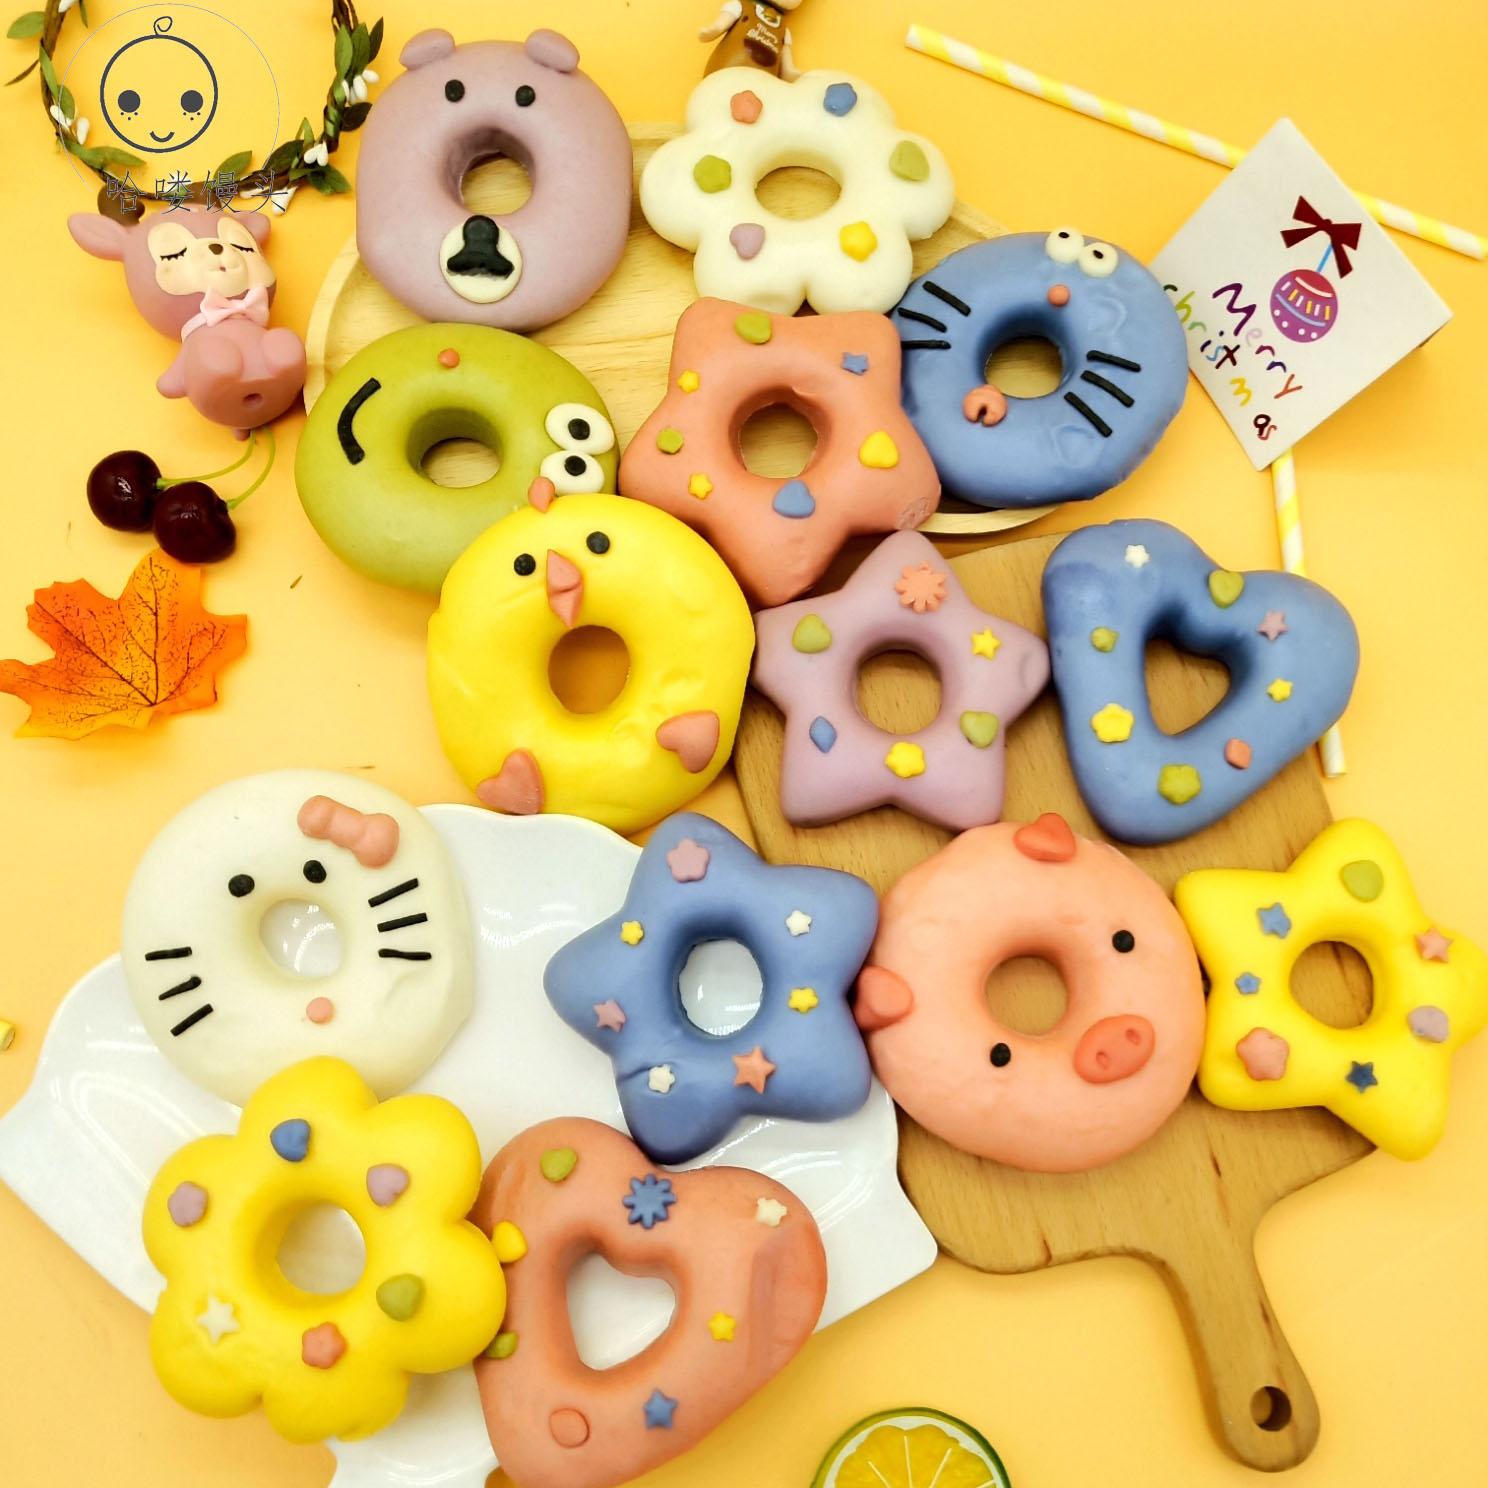 儿童早餐食品宝宝动物卡通馒头果蔬包子营养纯手工面食组合无添加